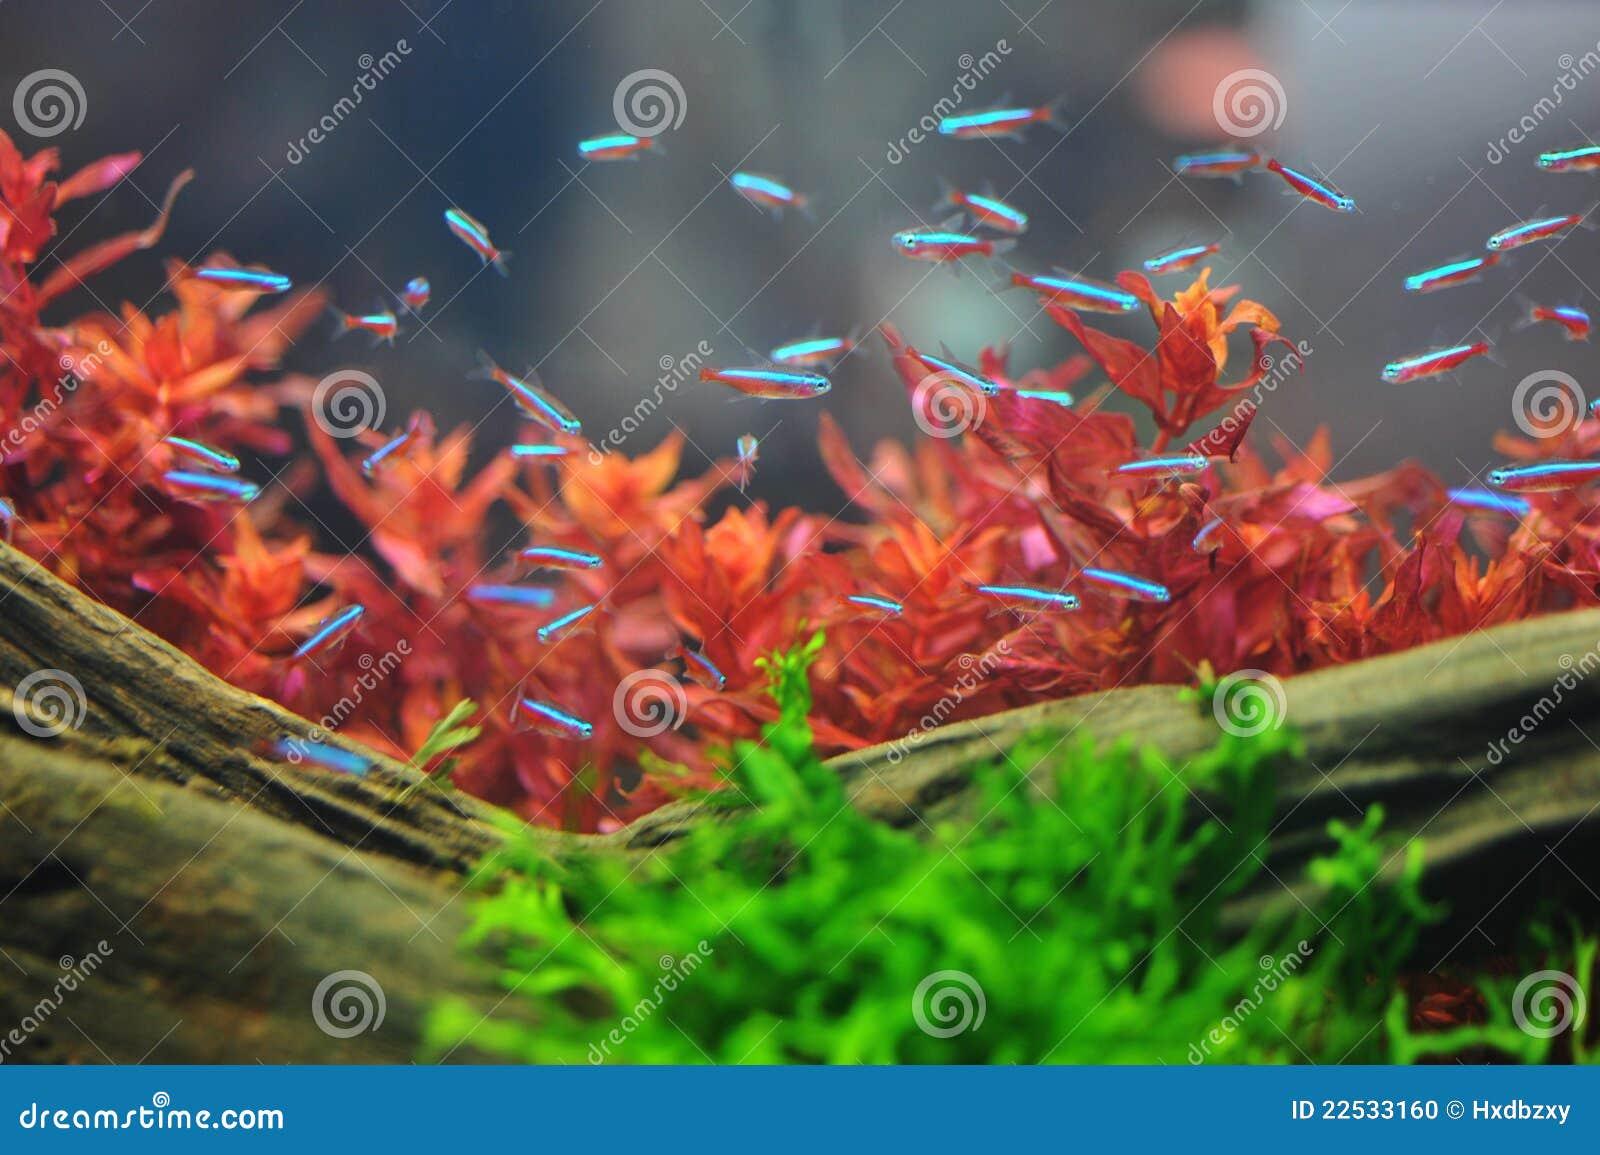 Neon Tetra Fish Stock Images - 474 Photos